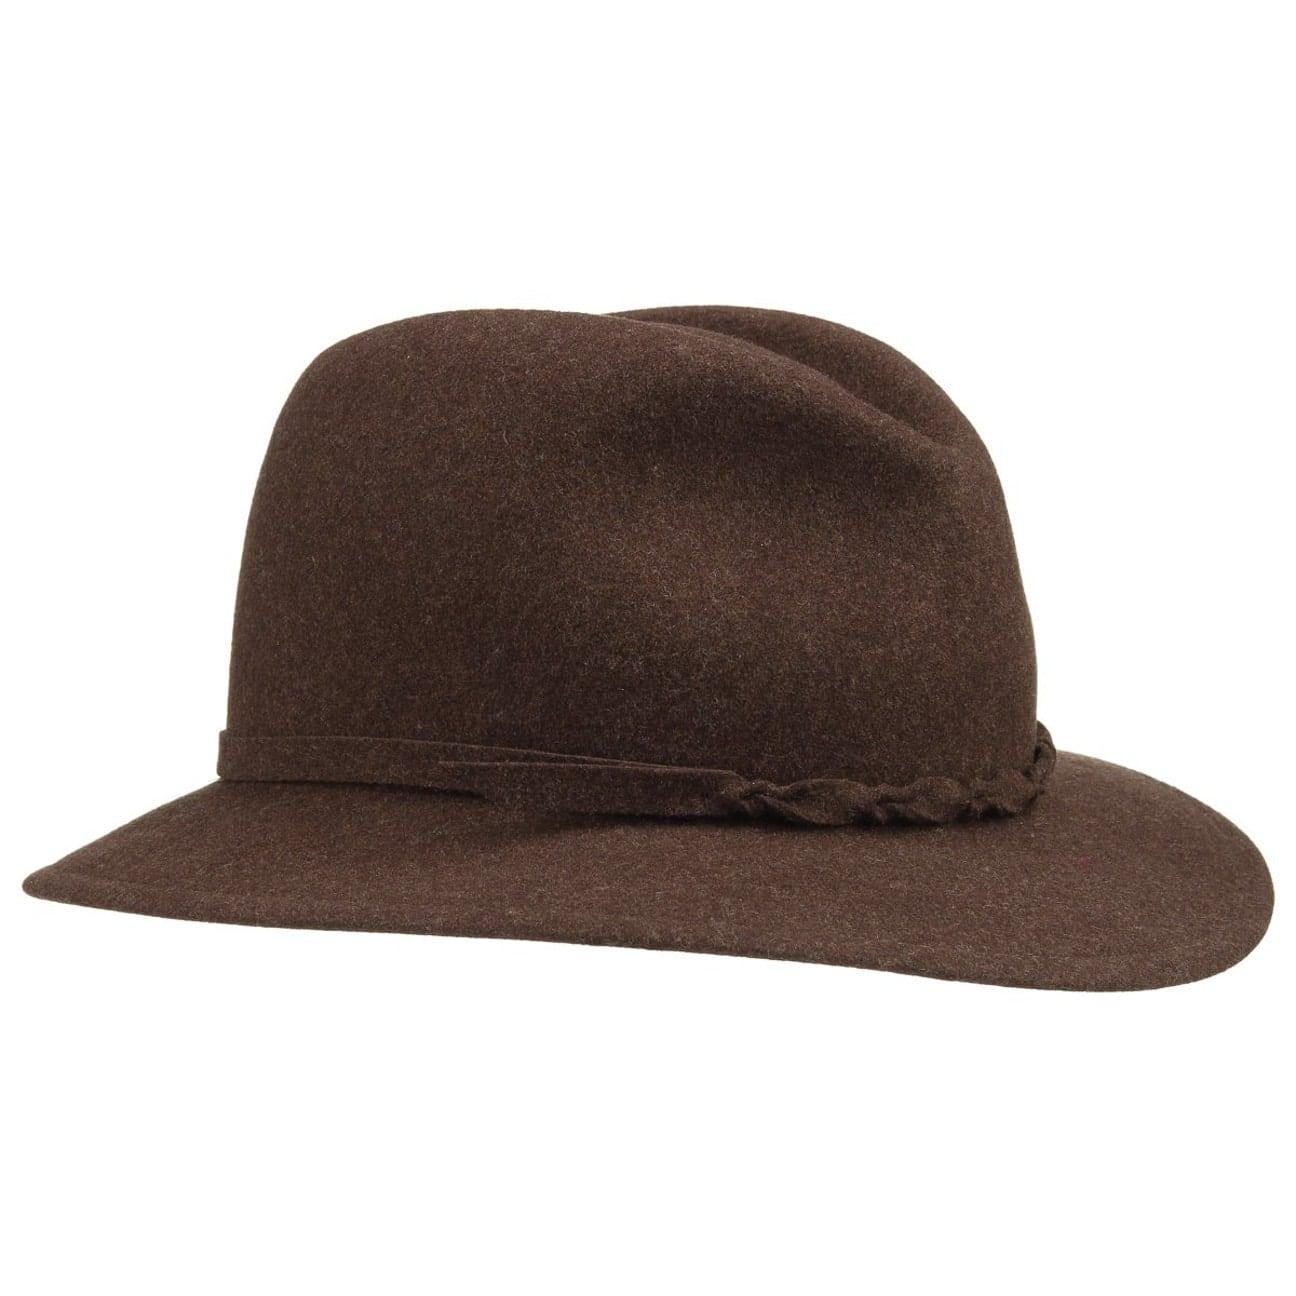 Sombrero de Mujer Dagmar by Mayser - Sombreros - sombreroshop.es 4d974660507